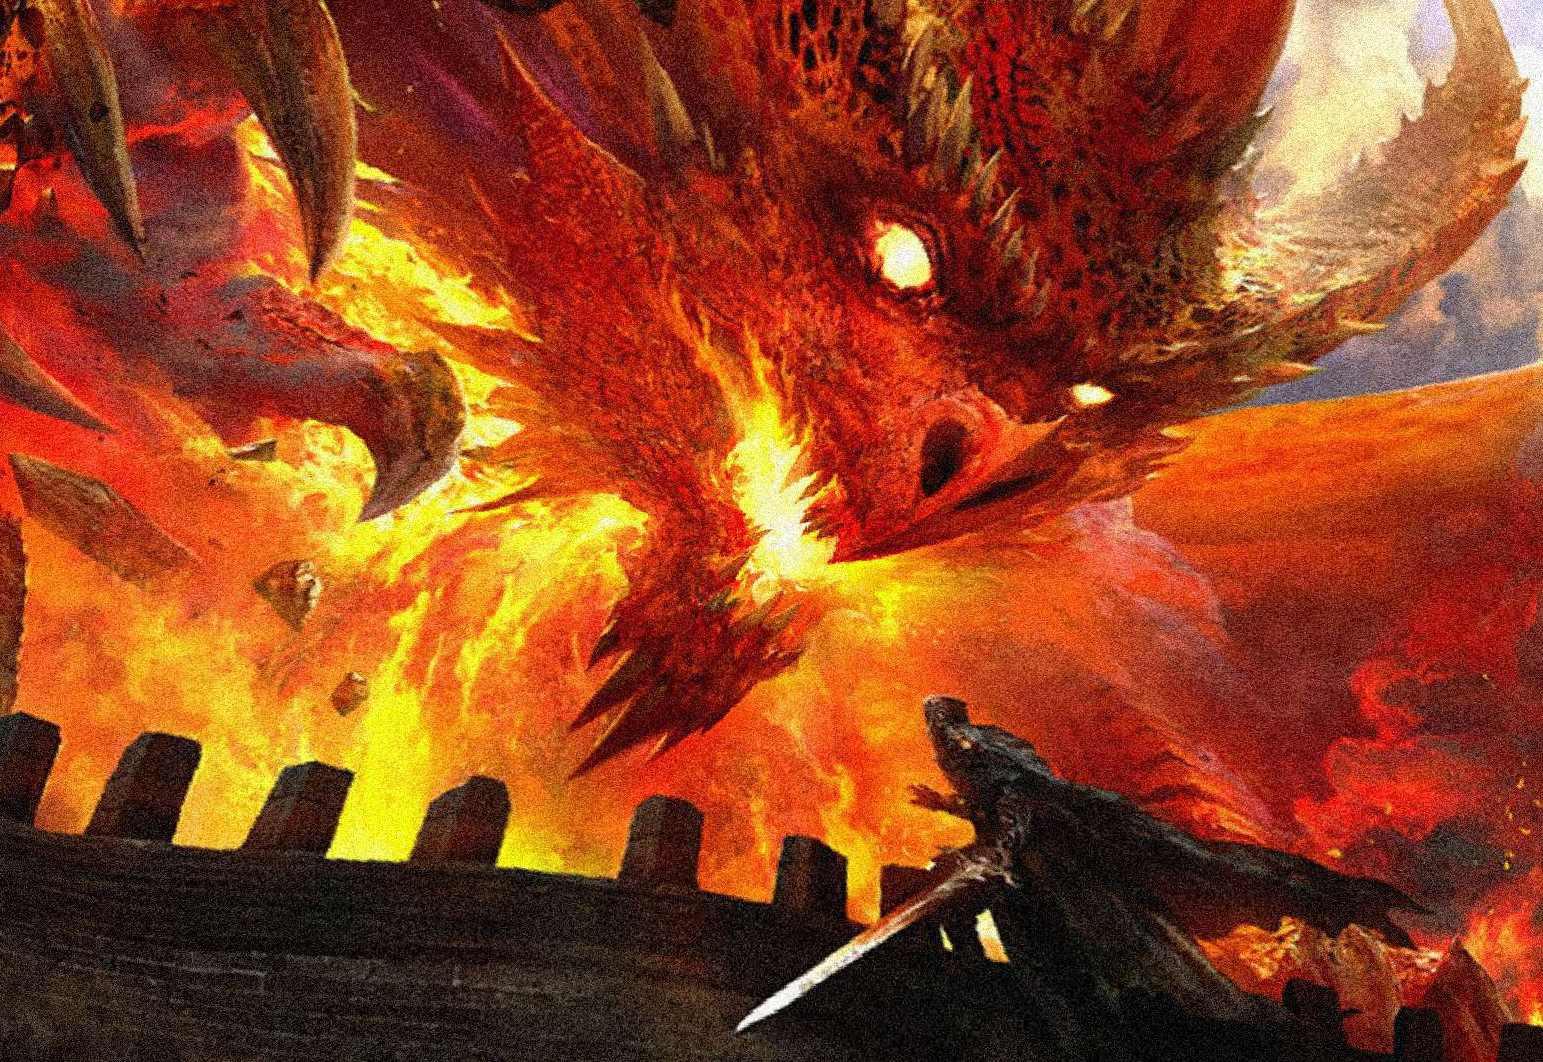 огненный дракон. занятная математика и чемпионат по квиддичу. сон